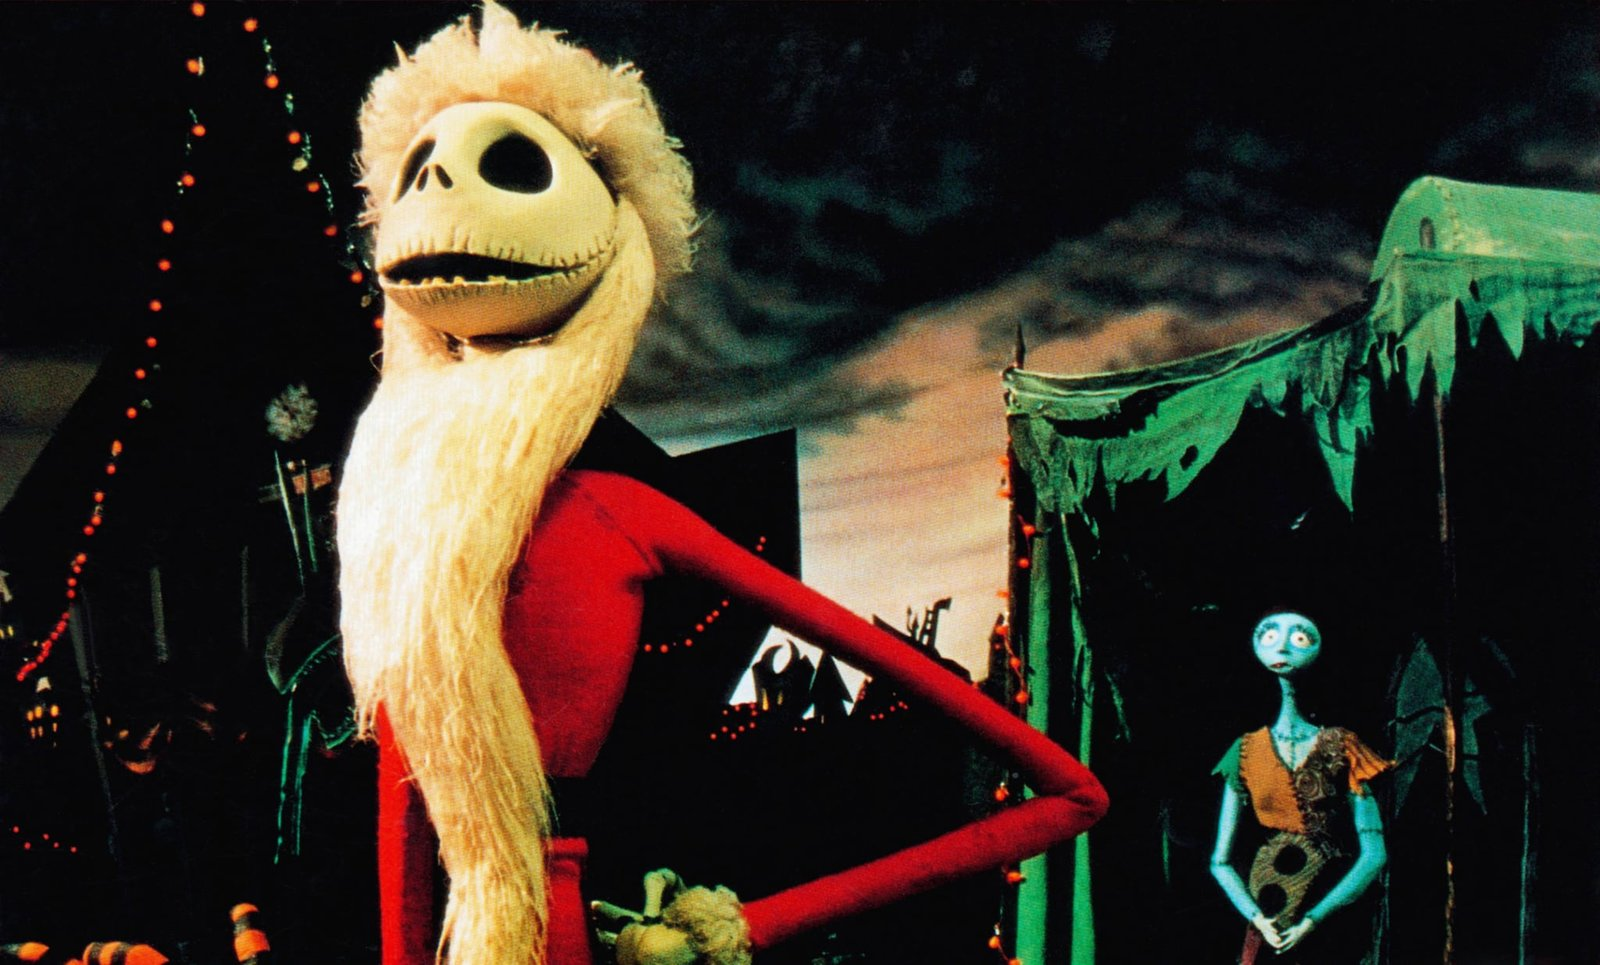 The Nightmare Before Christmas, Murgs pirms Ziemassvētkiem